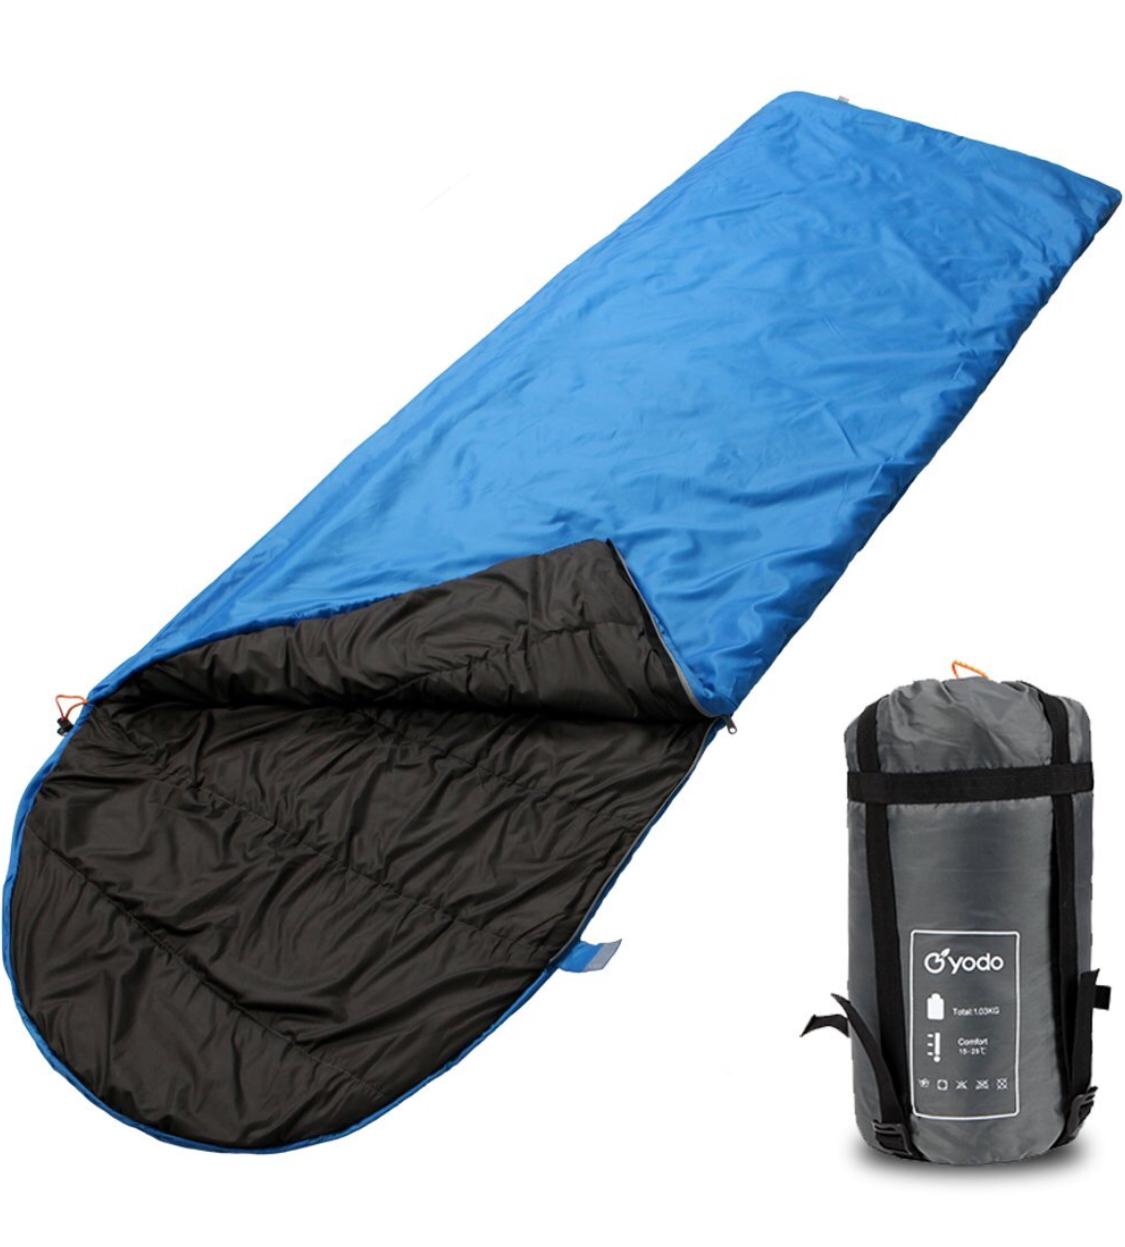 Yodo Compact Warm Weather Sleeping Bag $11.94 AC FS @Amazon